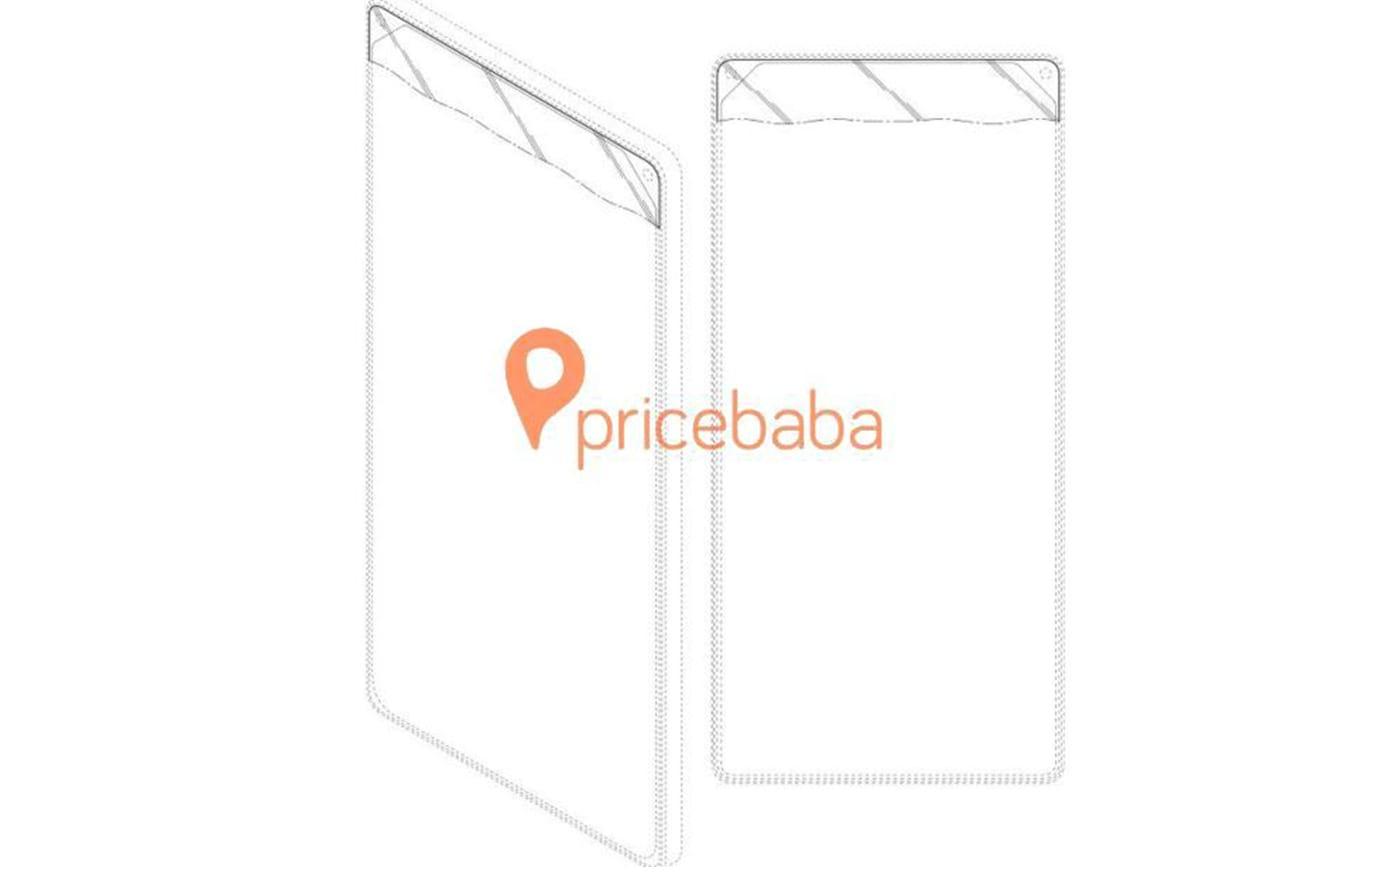 Patente da Samsung revela smartphone com entalhe duplo